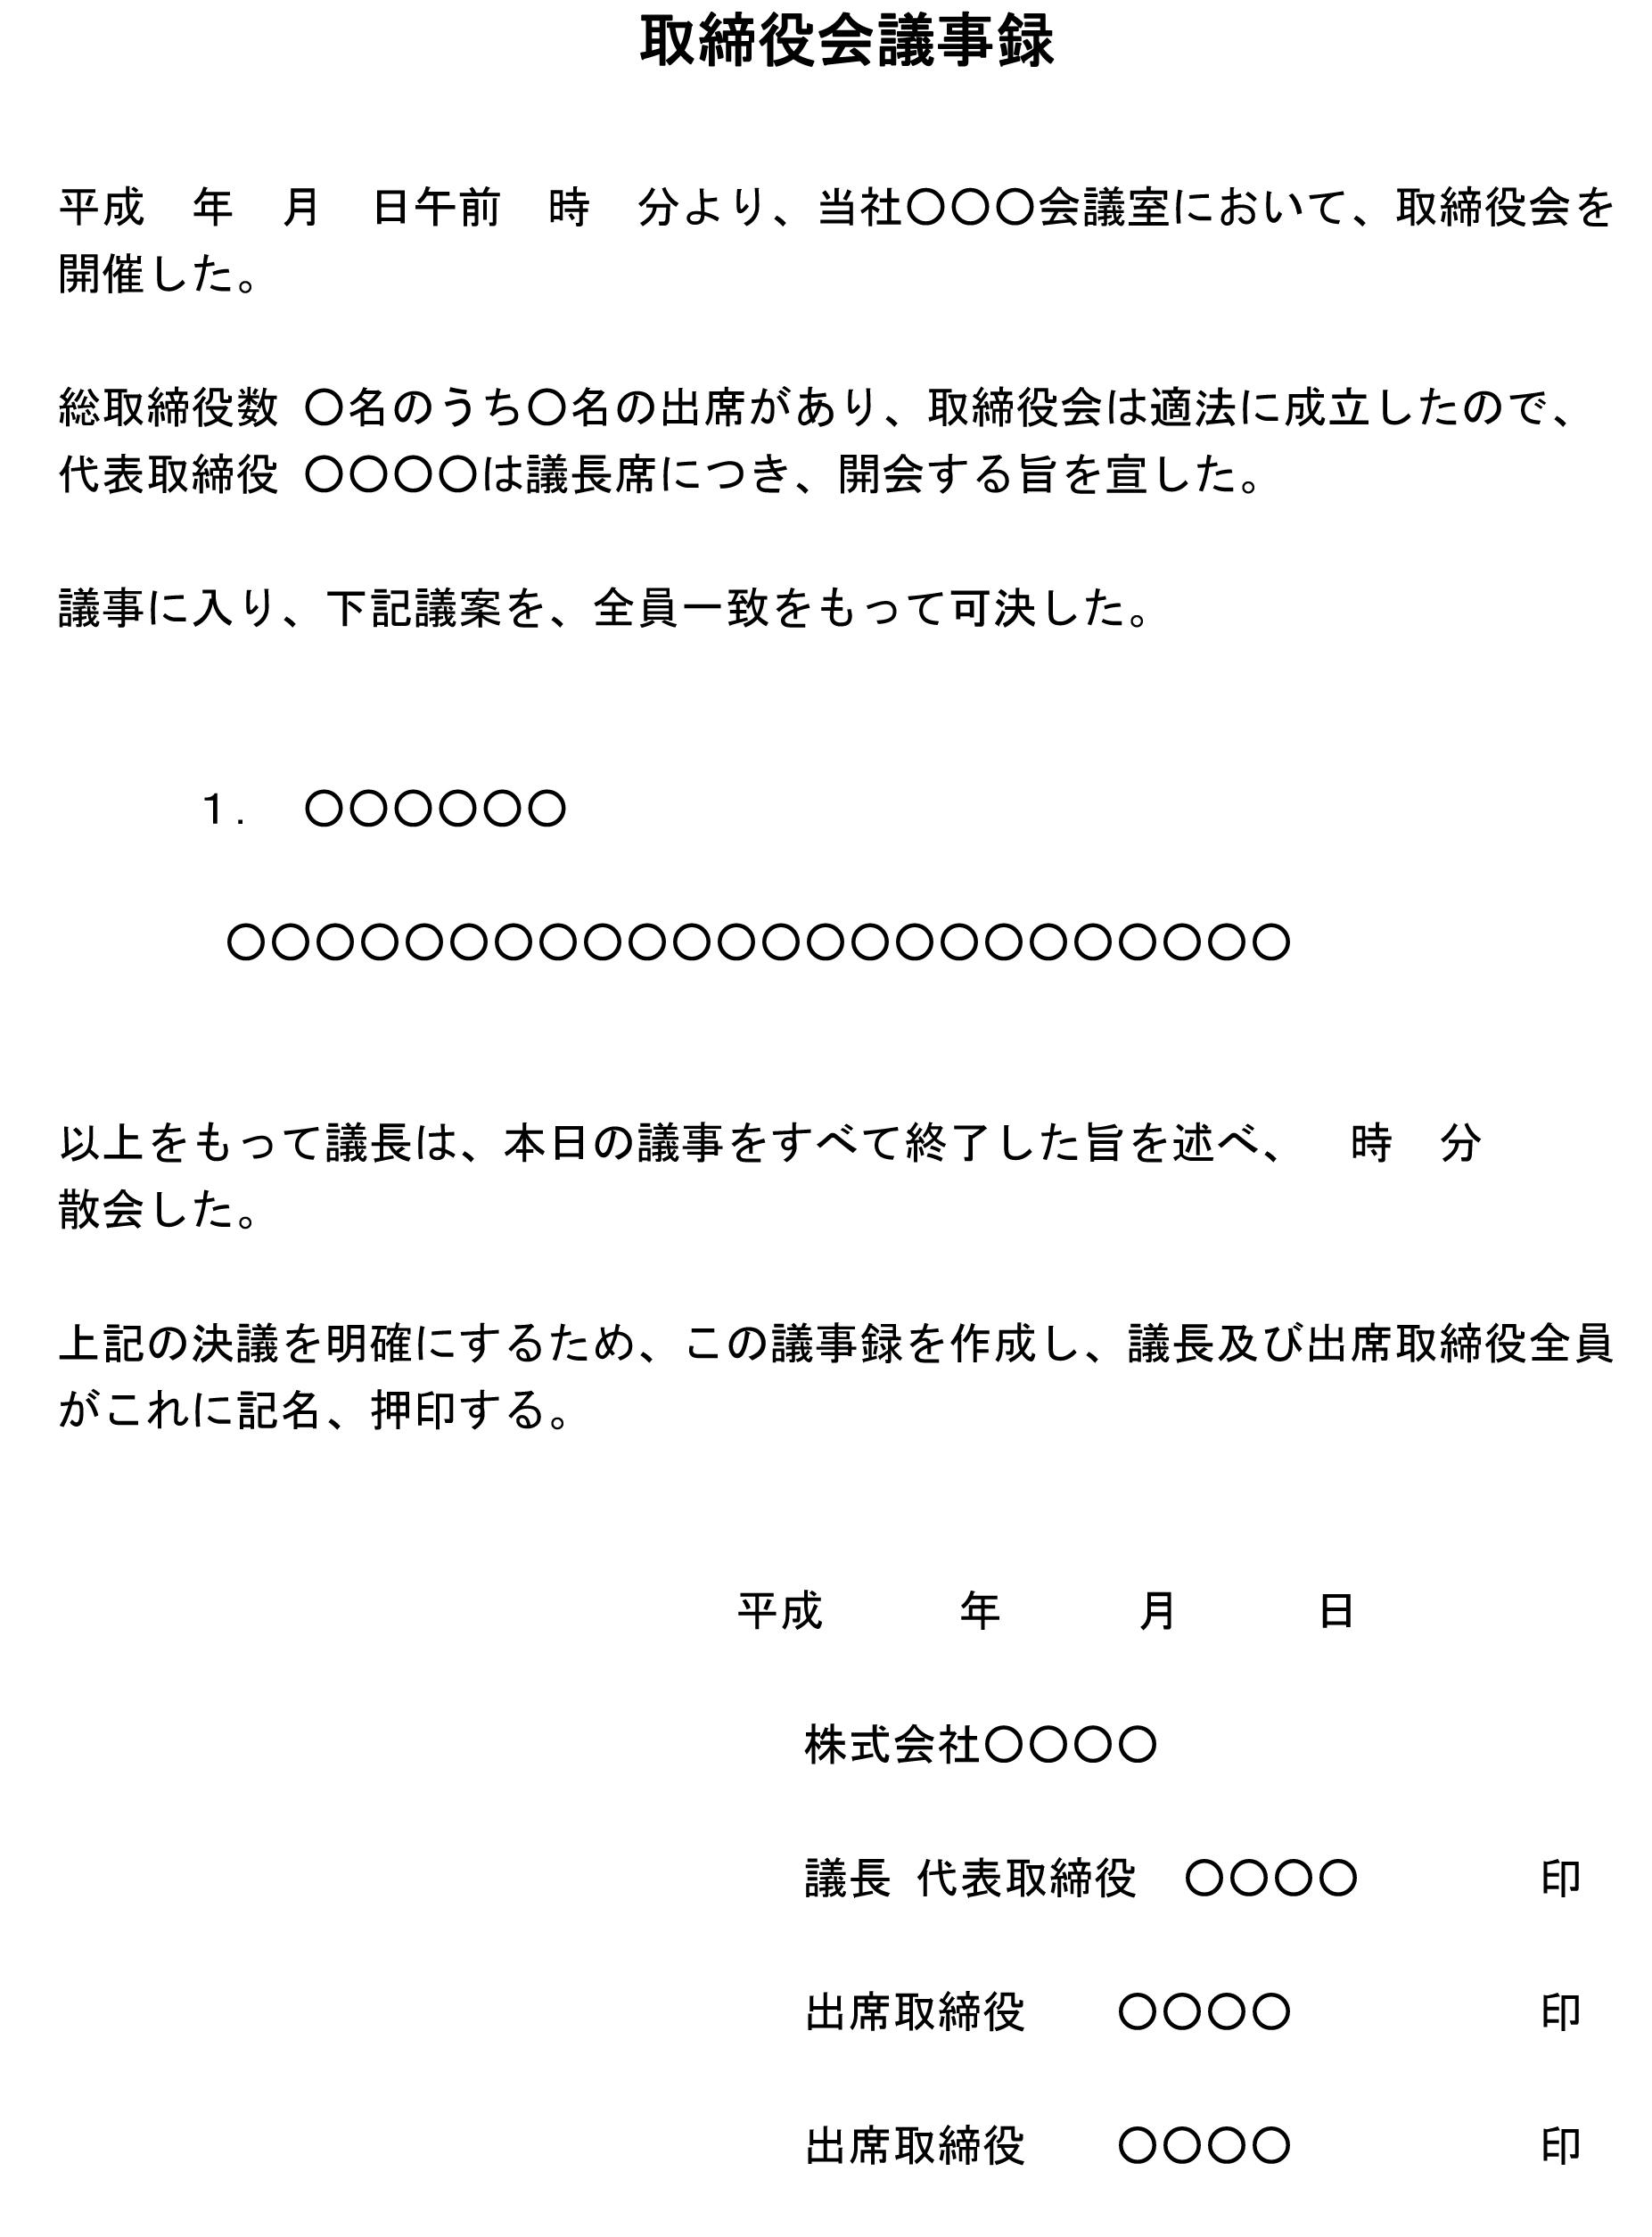 取締役会議事録(用途不問)02